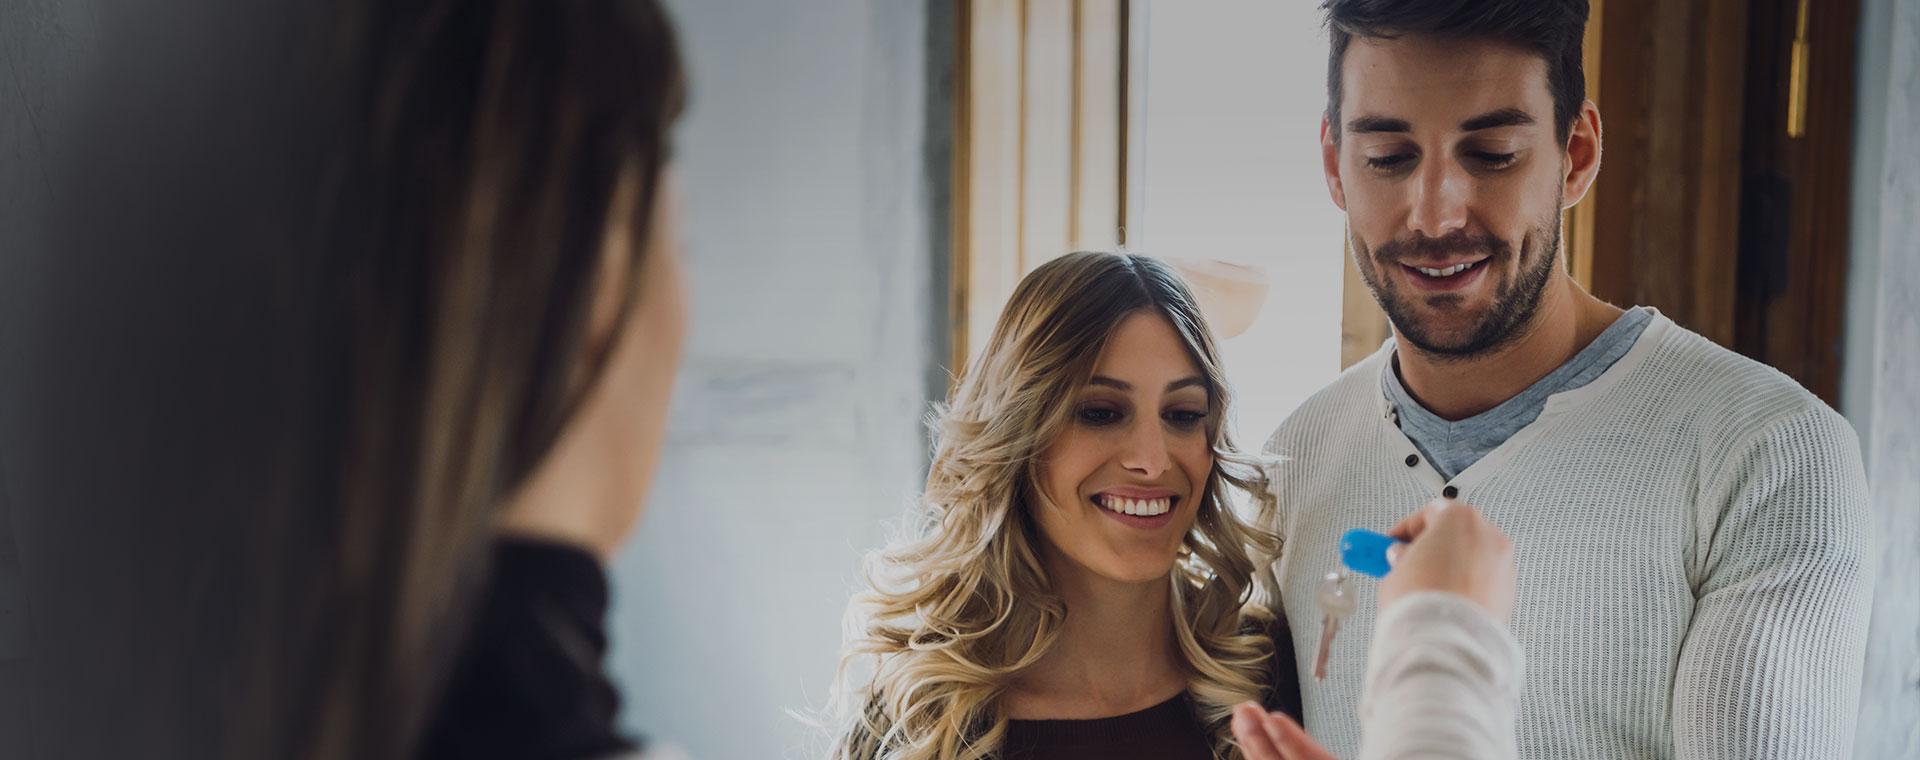 Kapitalanlage | Eigennutzung | BAUWERKE – Liebe & Partner